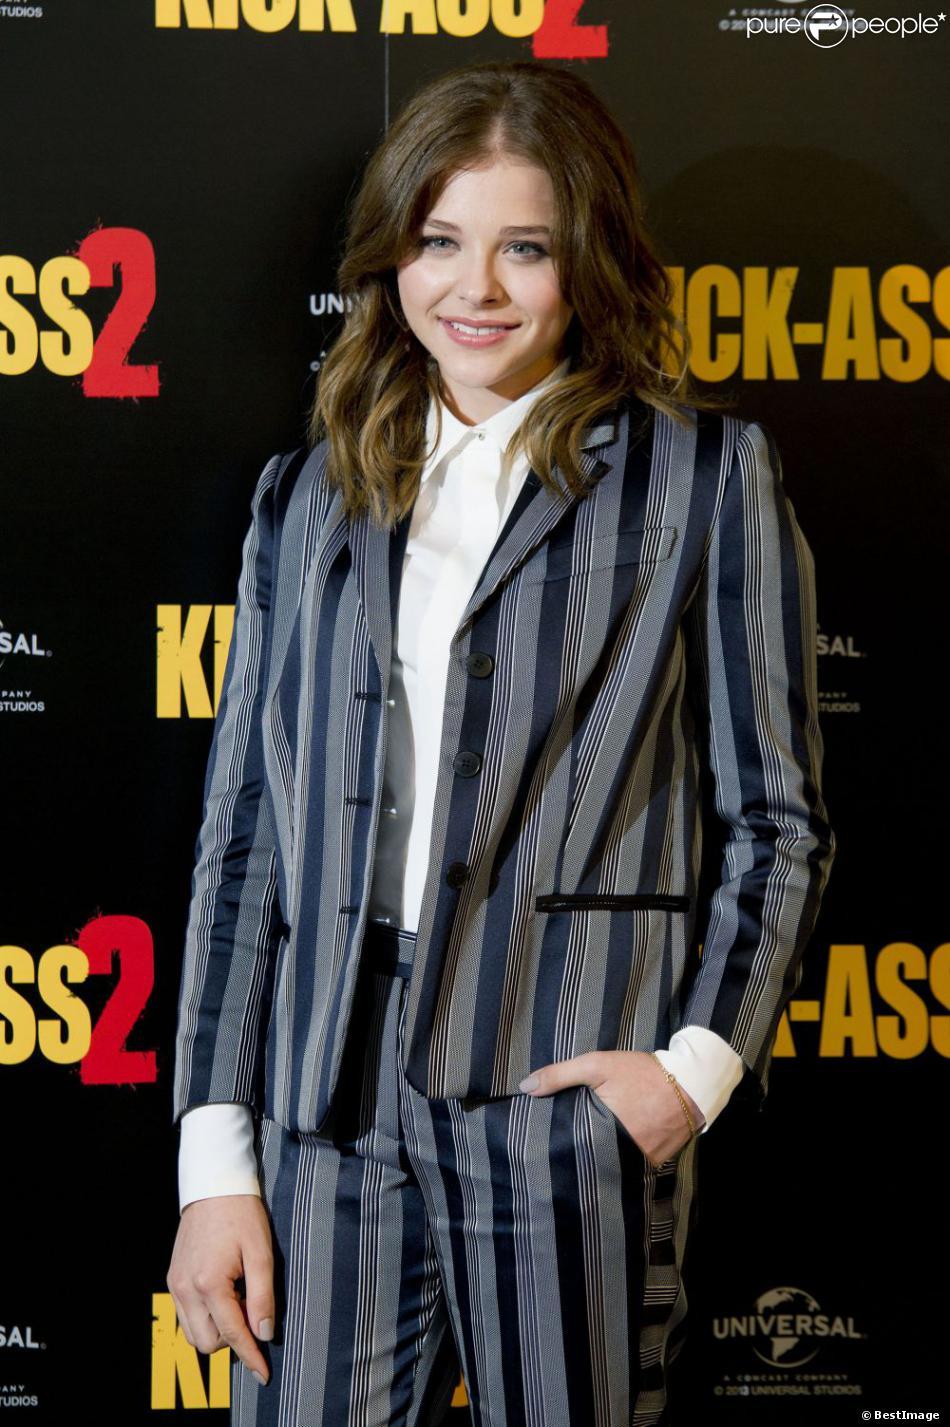 Chloë Grace Moretz lors du photocall du film Kick-Ass 2 à Londres le 5 août 2013.